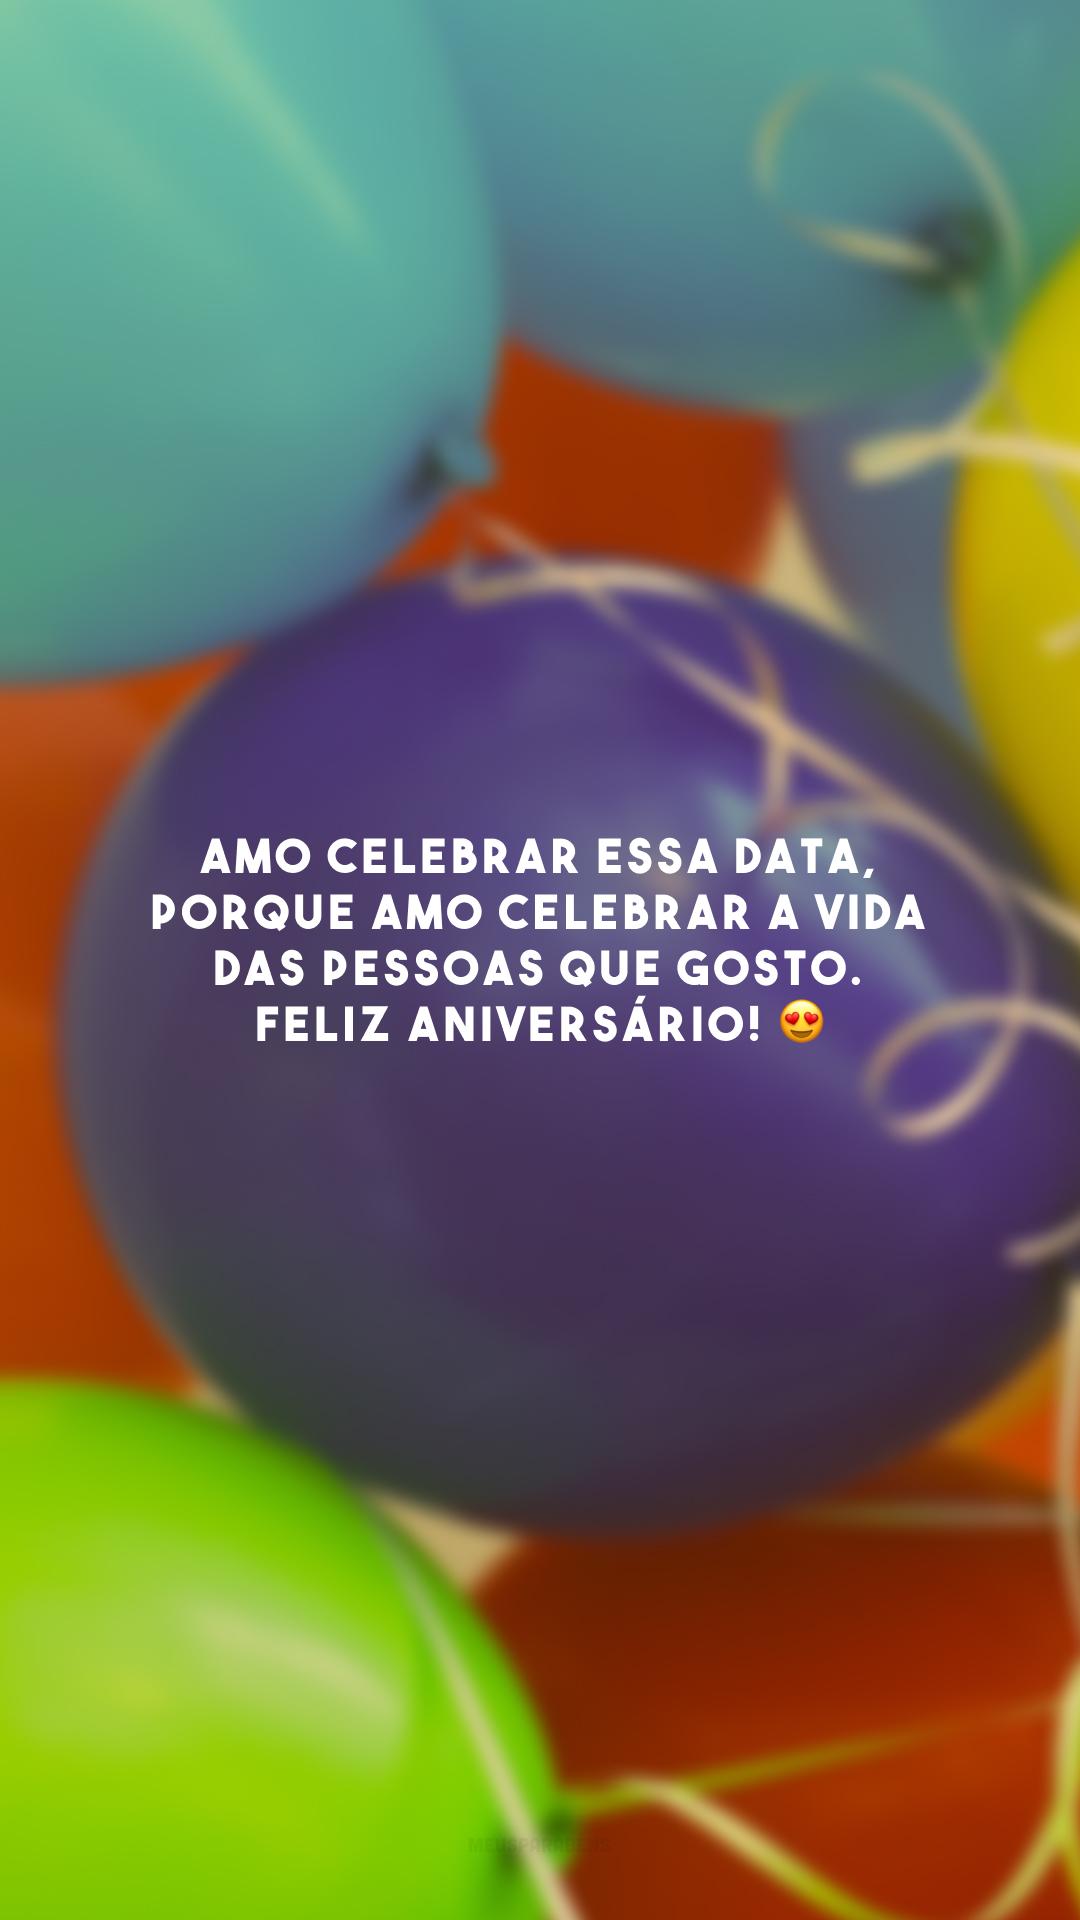 Amo celebrar essa data, porque amo celebrar a vida das pessoas que gosto. Feliz aniversário! 😍